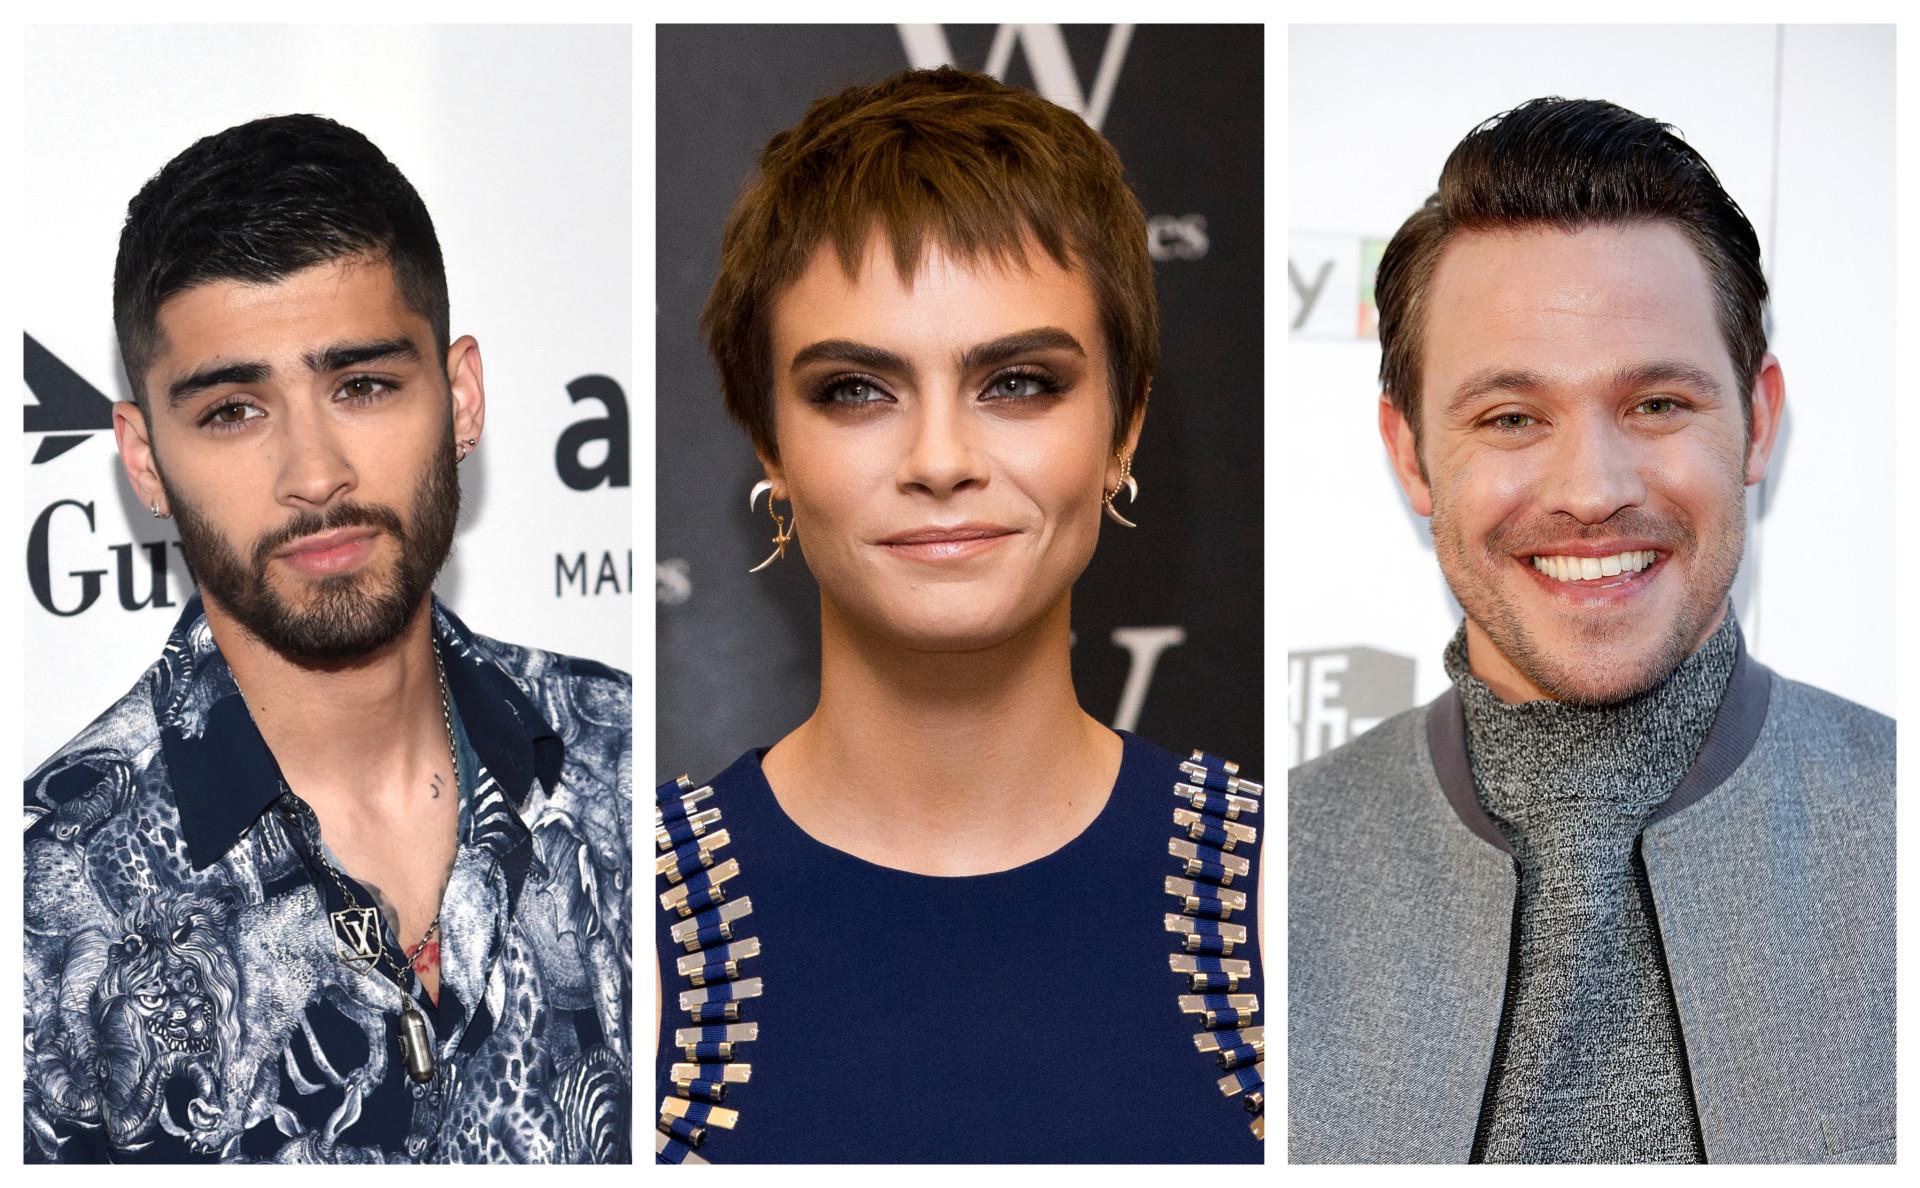 Estos famosos crean conciencia sobre la salud mental